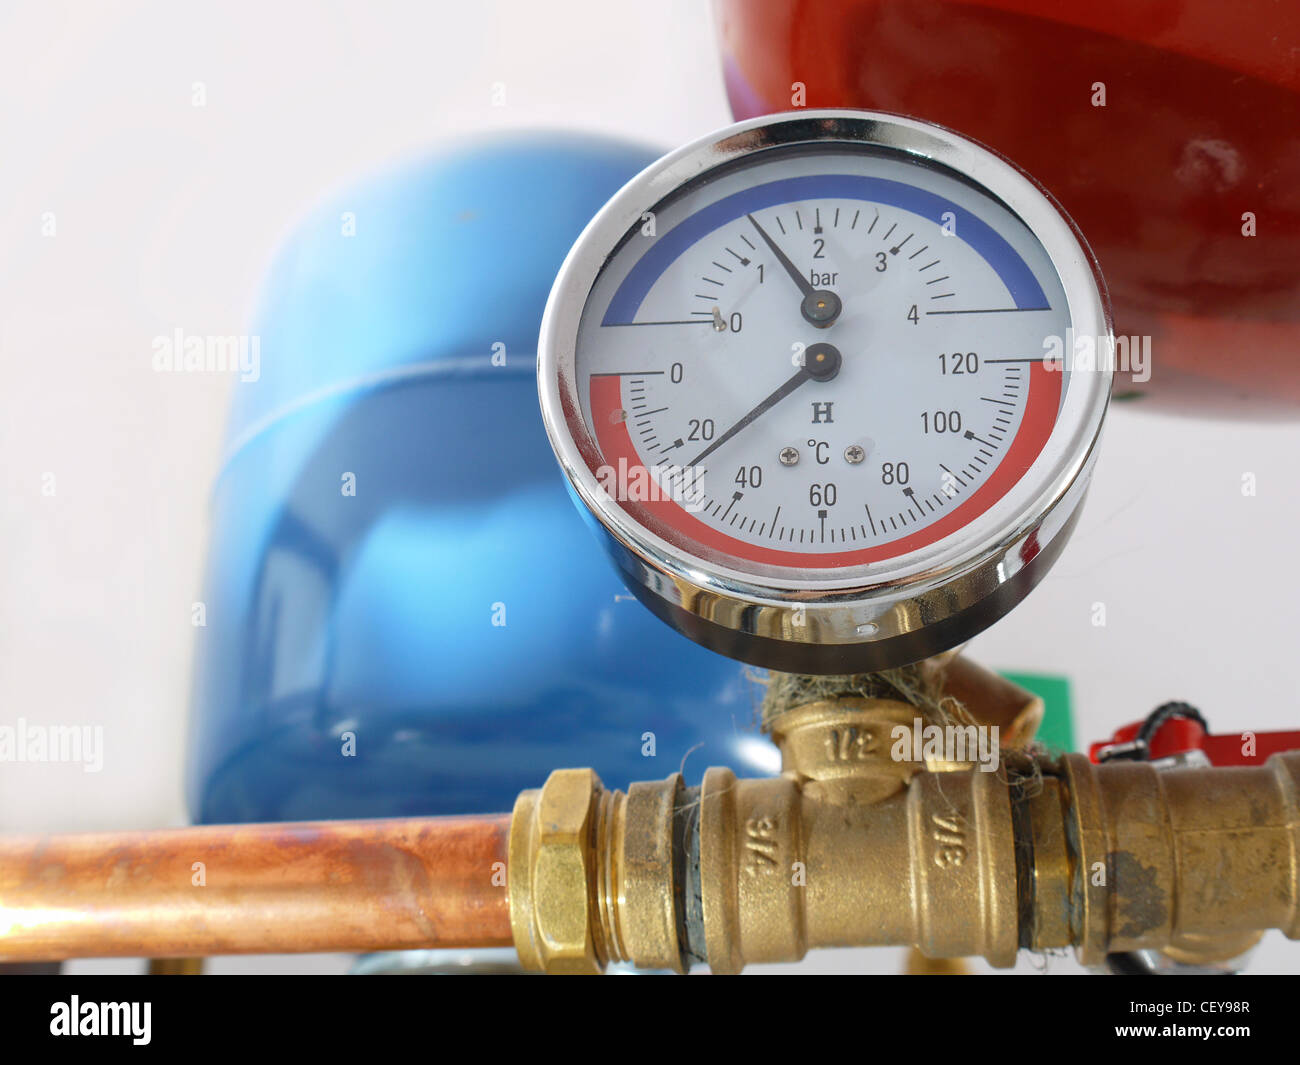 Boiler Pressure Stock Photos & Boiler Pressure Stock Images - Alamy